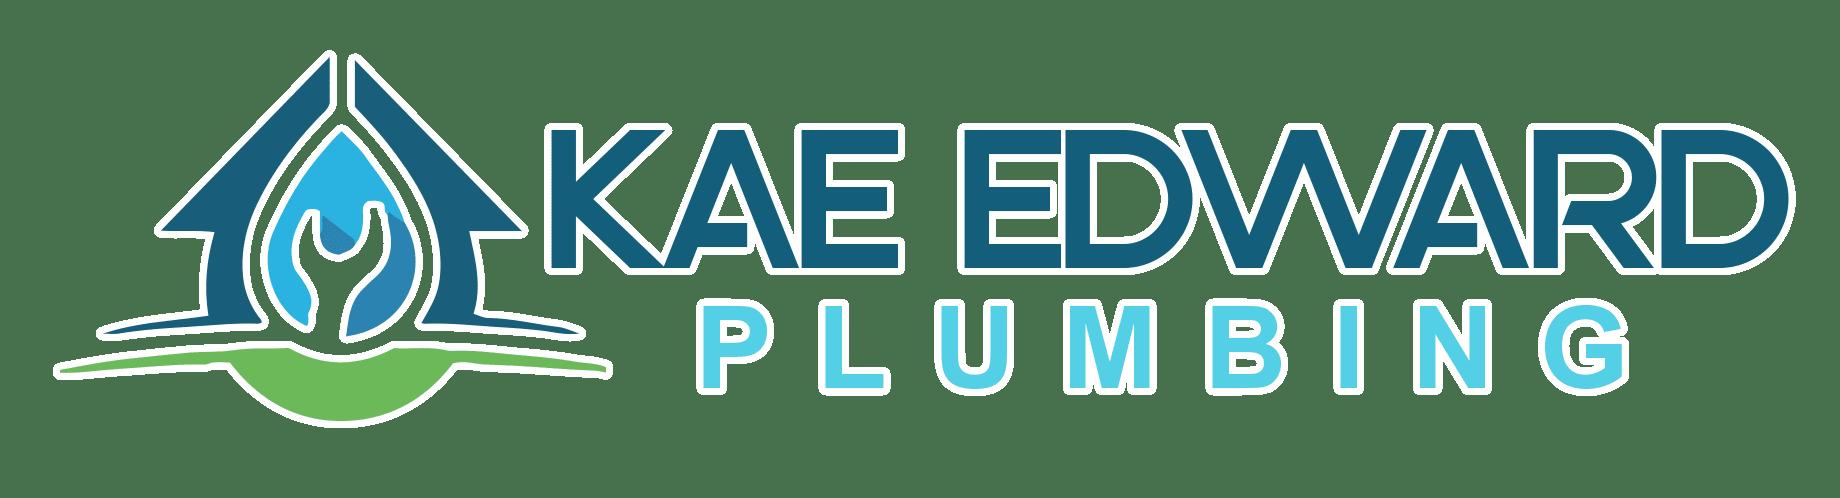 Kae-Edwards-Plumbing-Logo-002